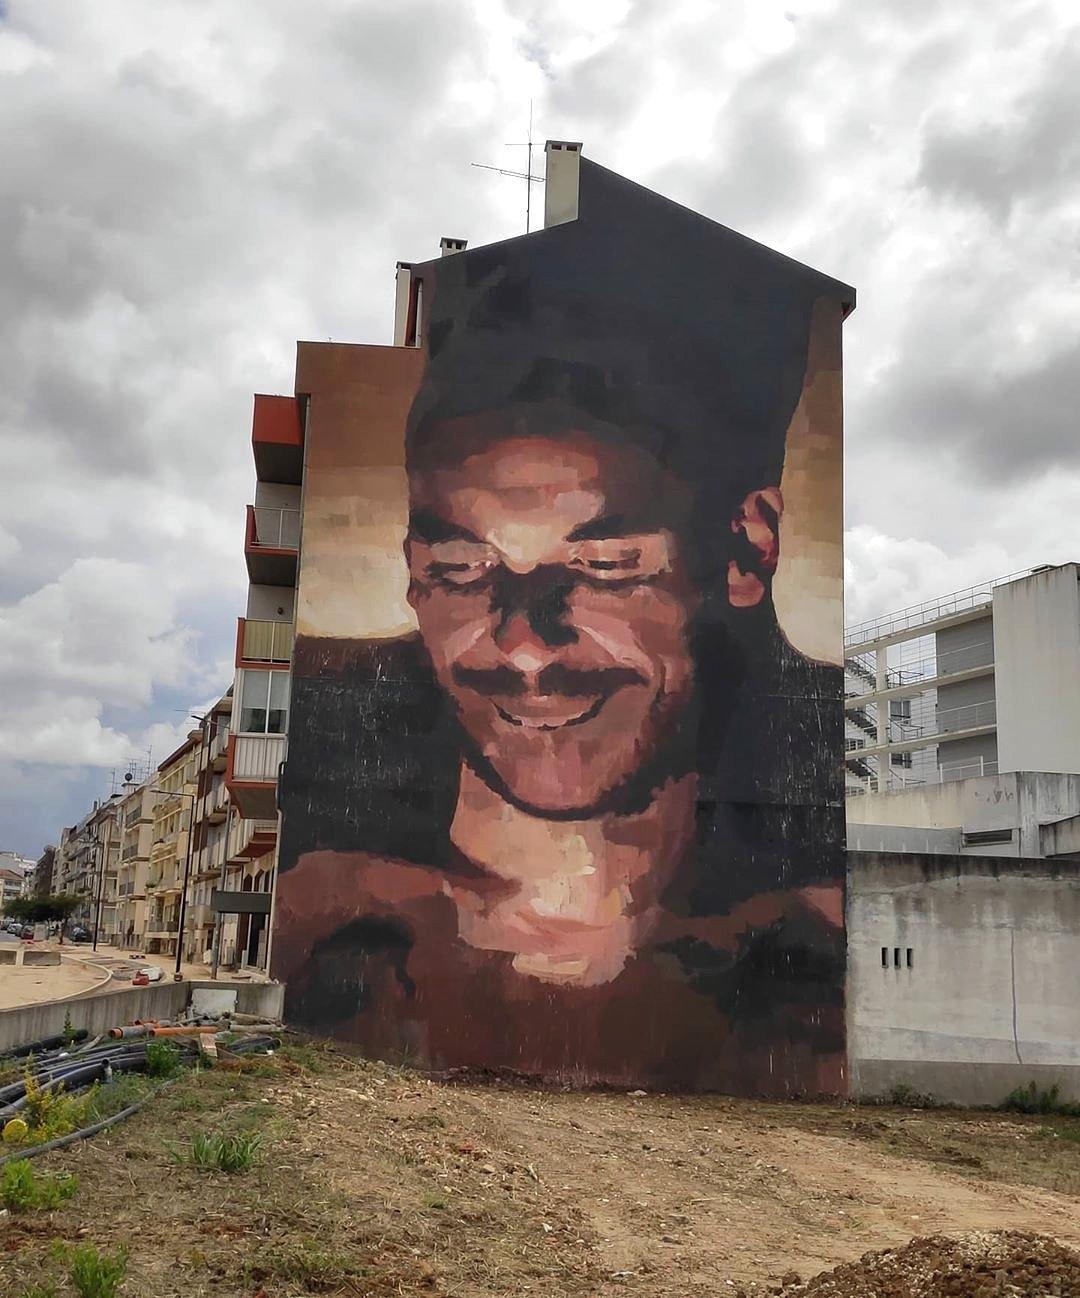 Axel Void @ Leiria, Portugal